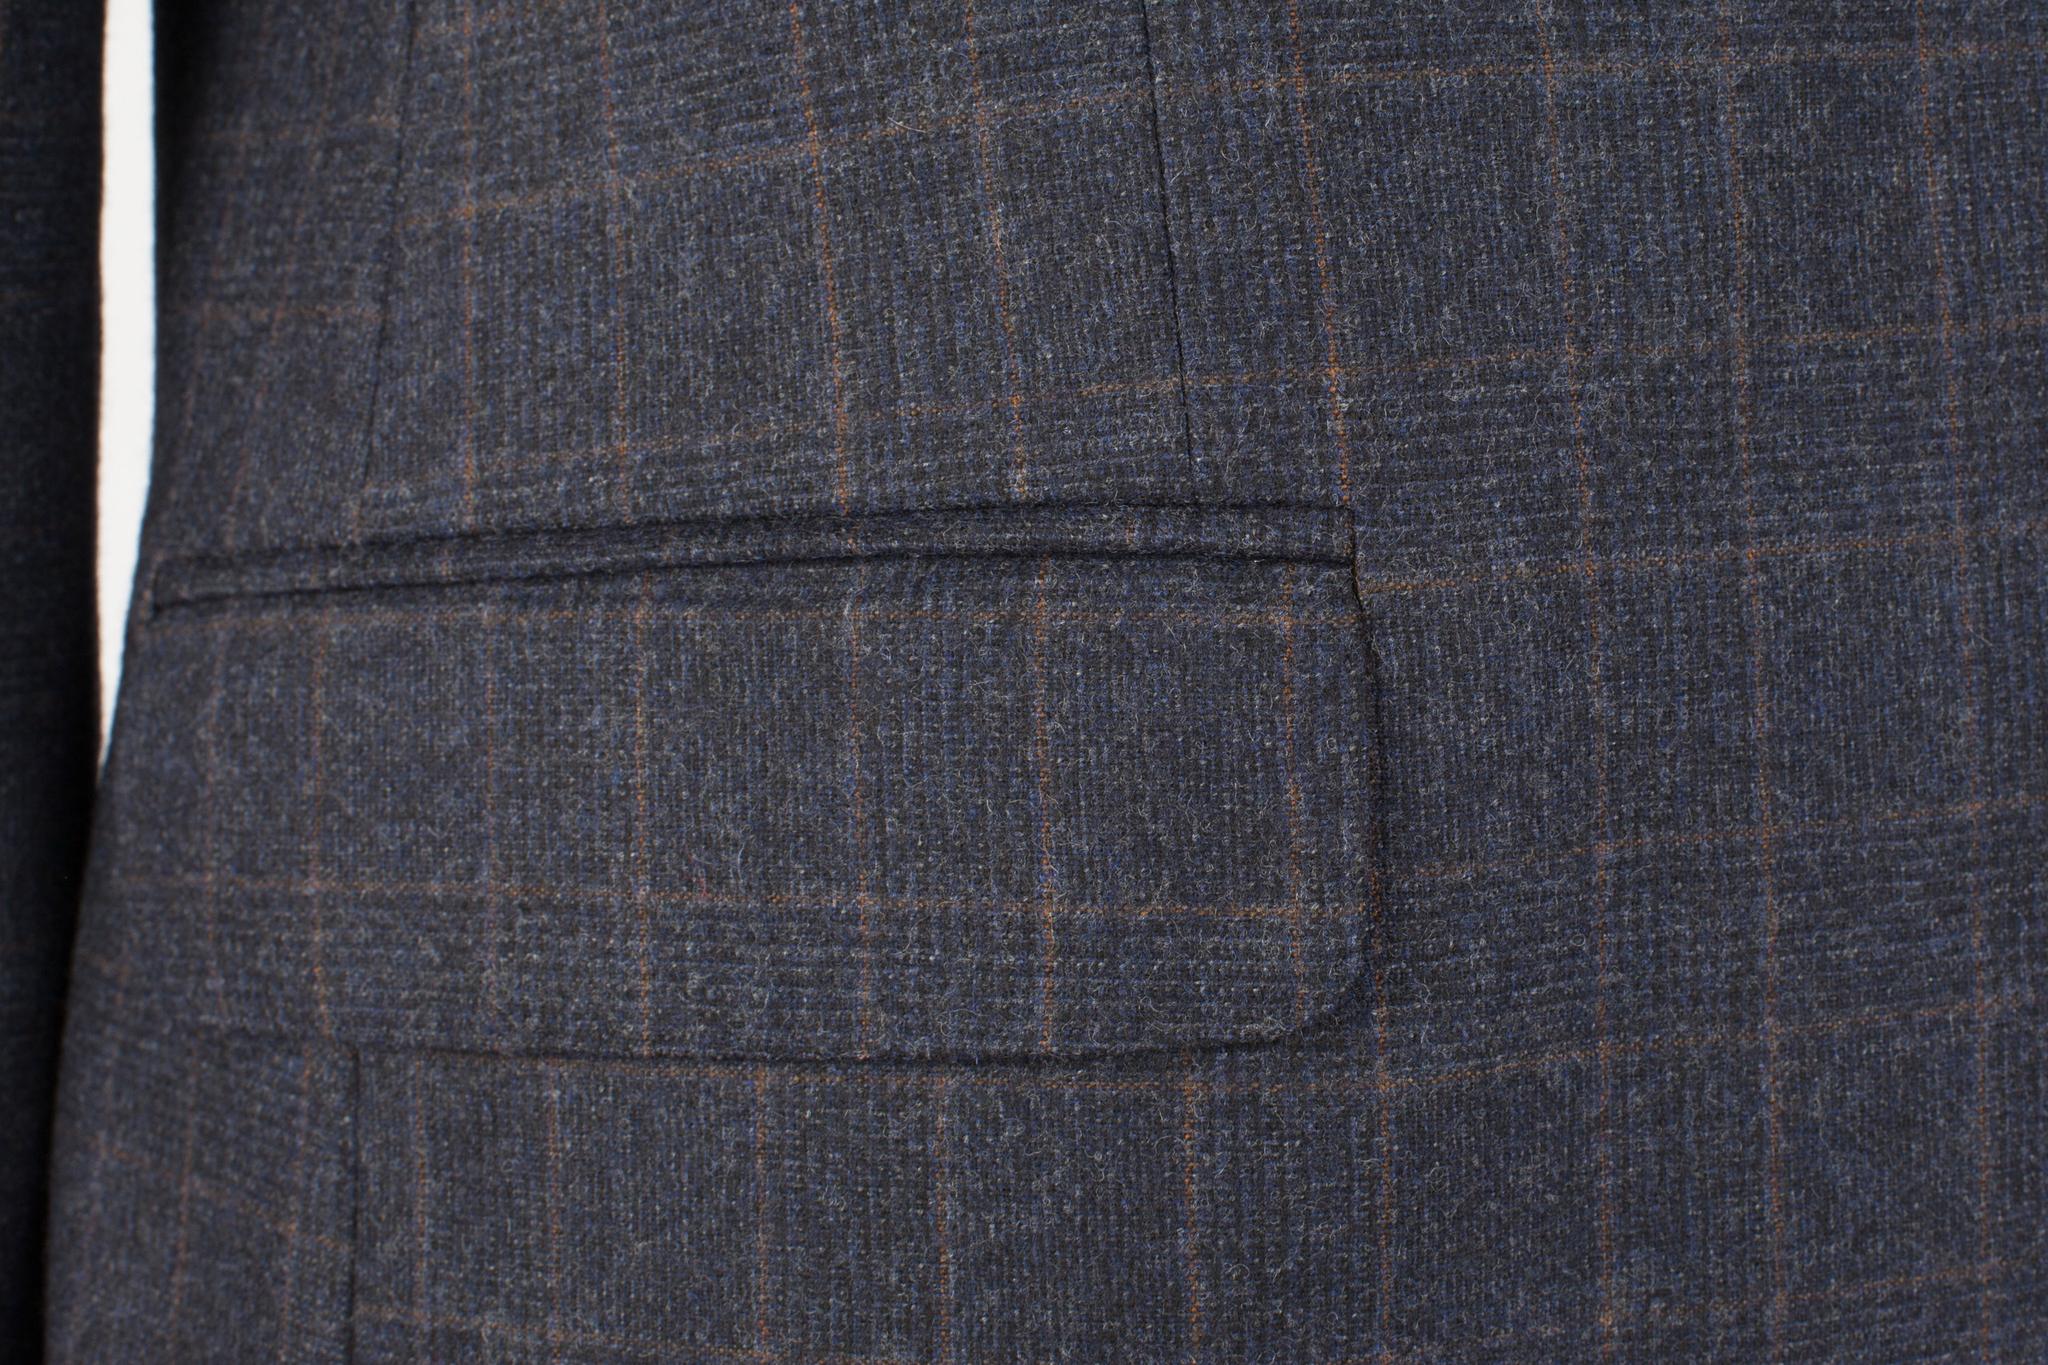 Тёмно-синий костюм в клетку из 100%-ной шерсти, накладной карман